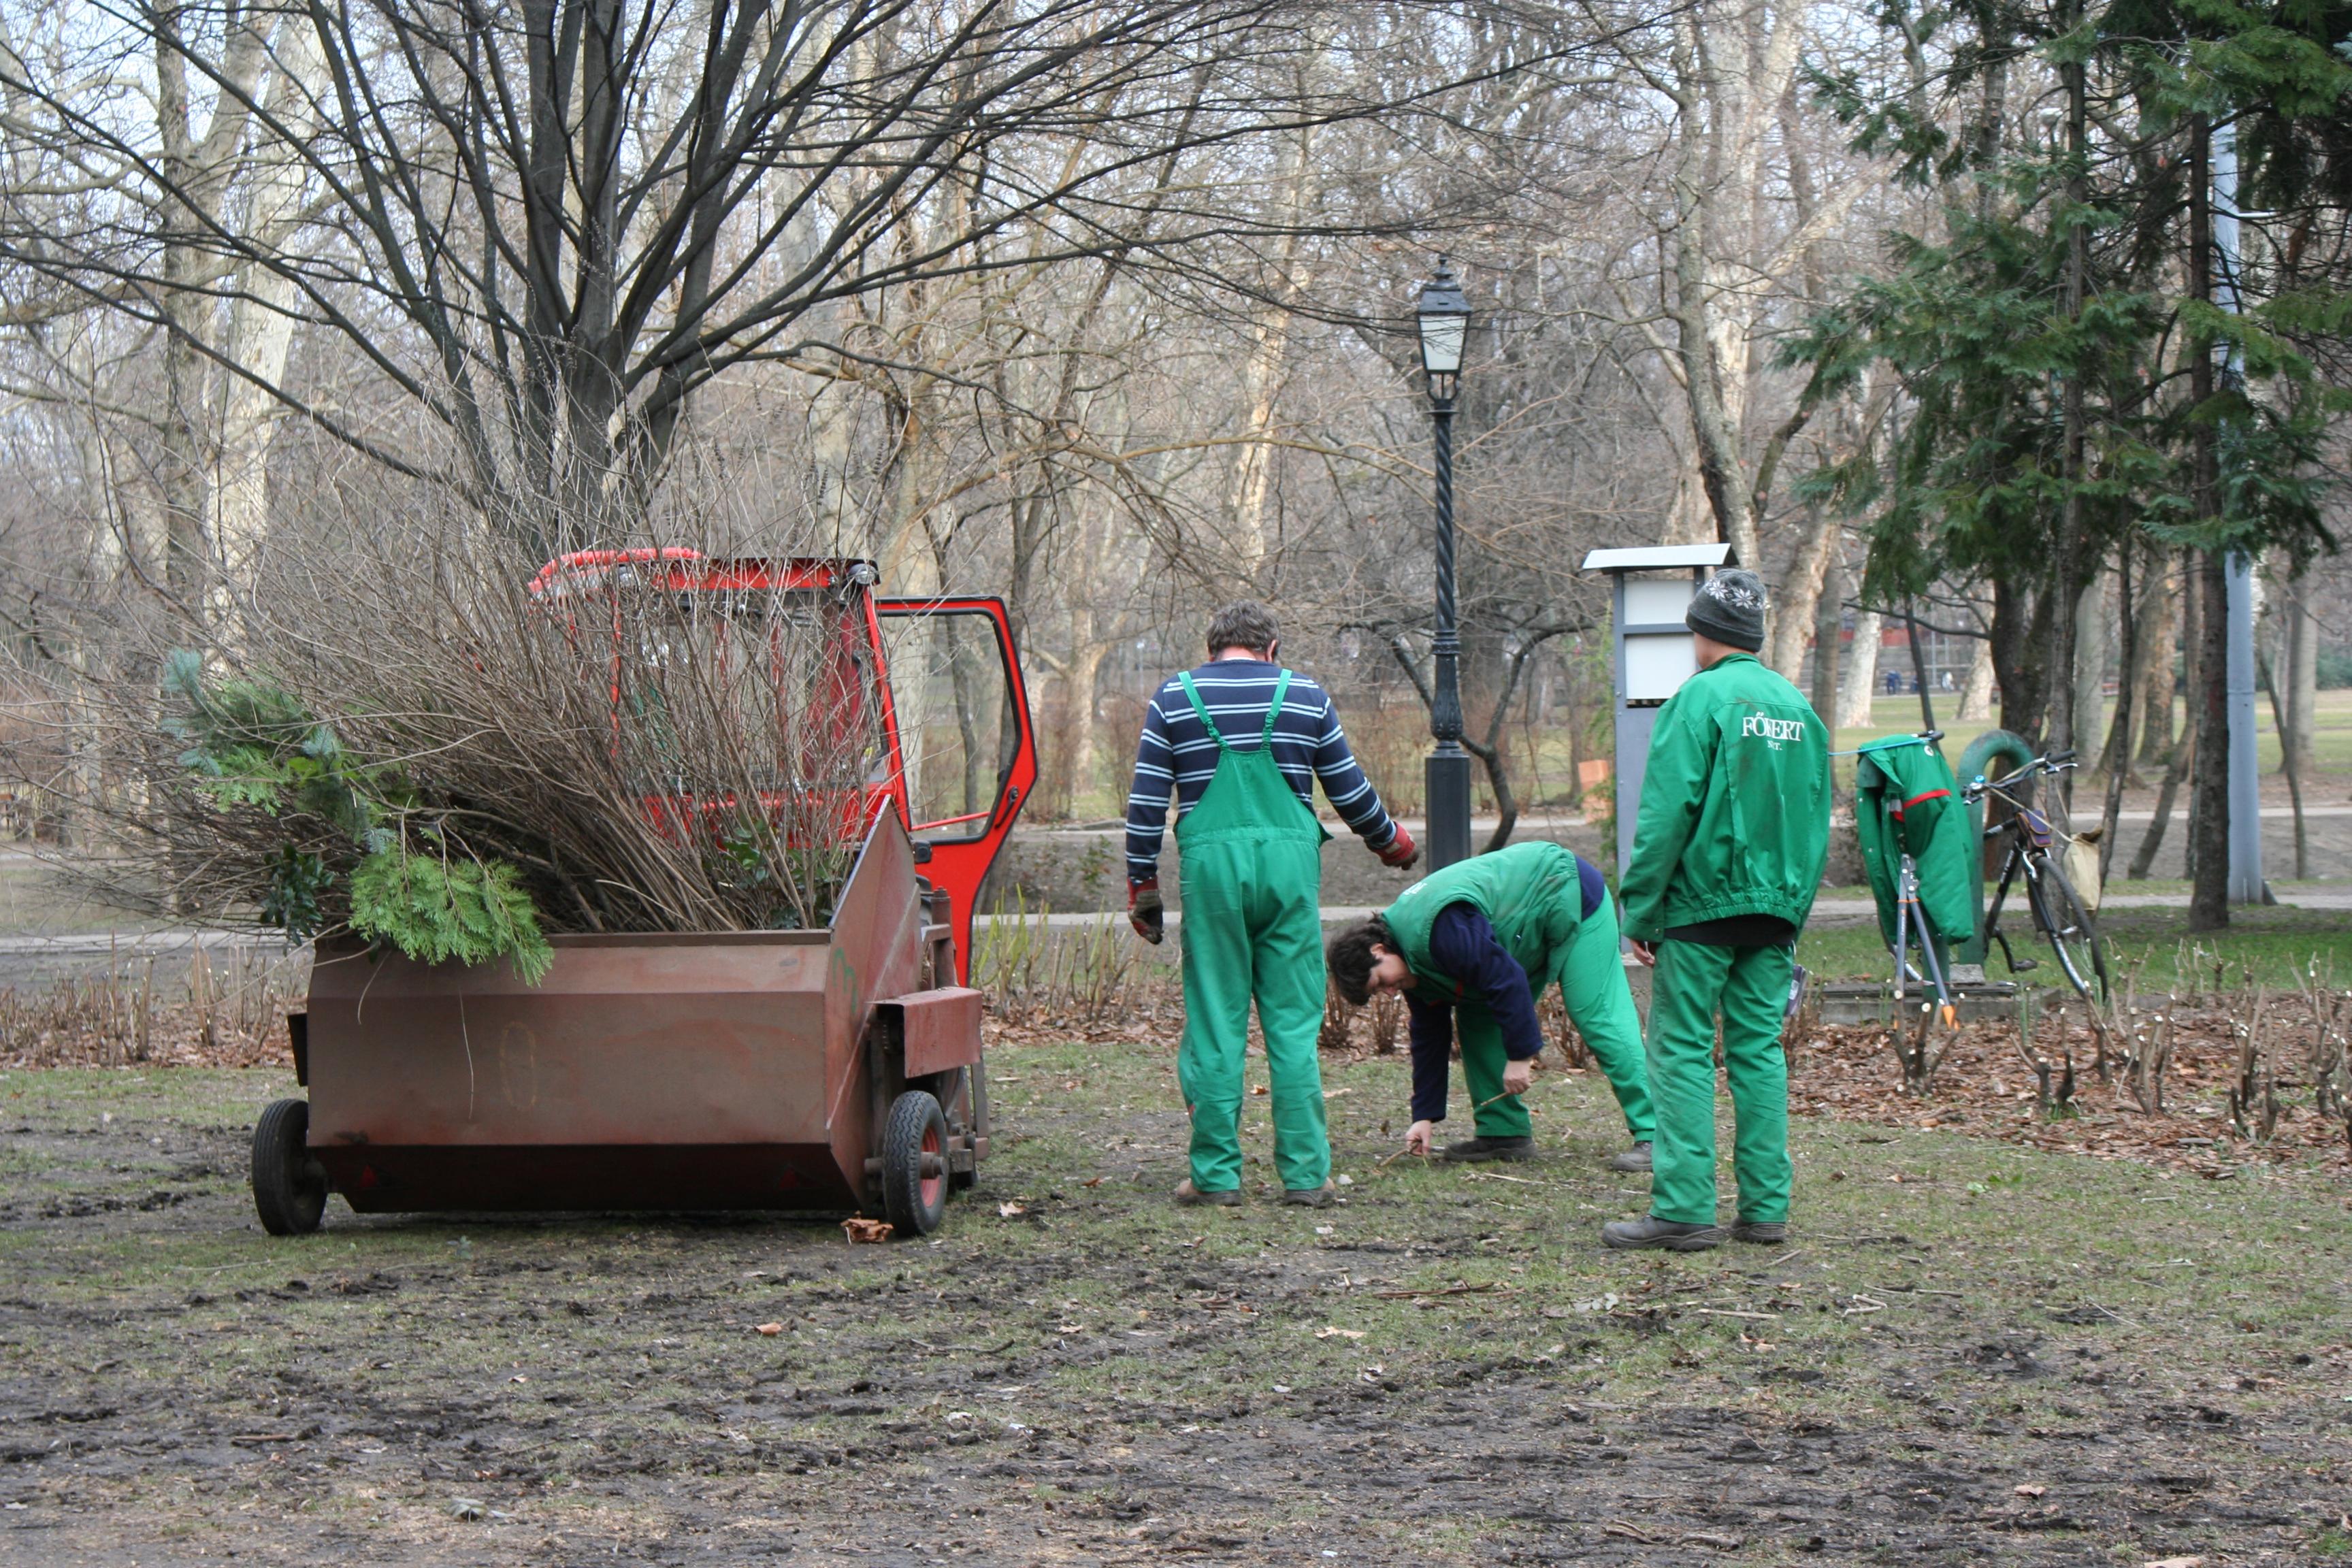 45 προσλήψεις στην καθαριότητα του Δήμου Αλεξανδρούπολης